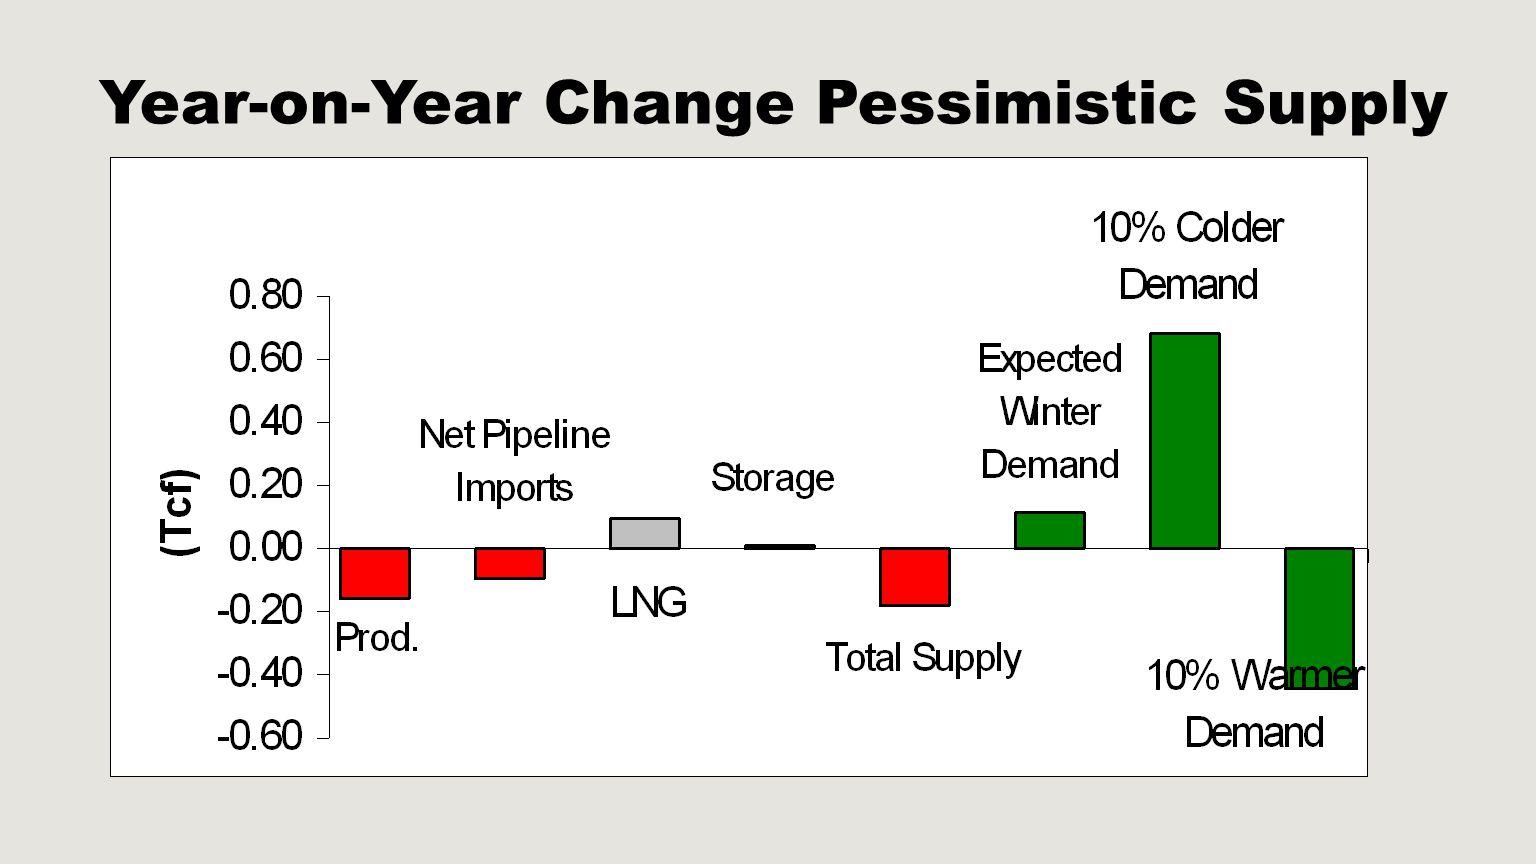 Year-on-Year Change Pessimistic Supply